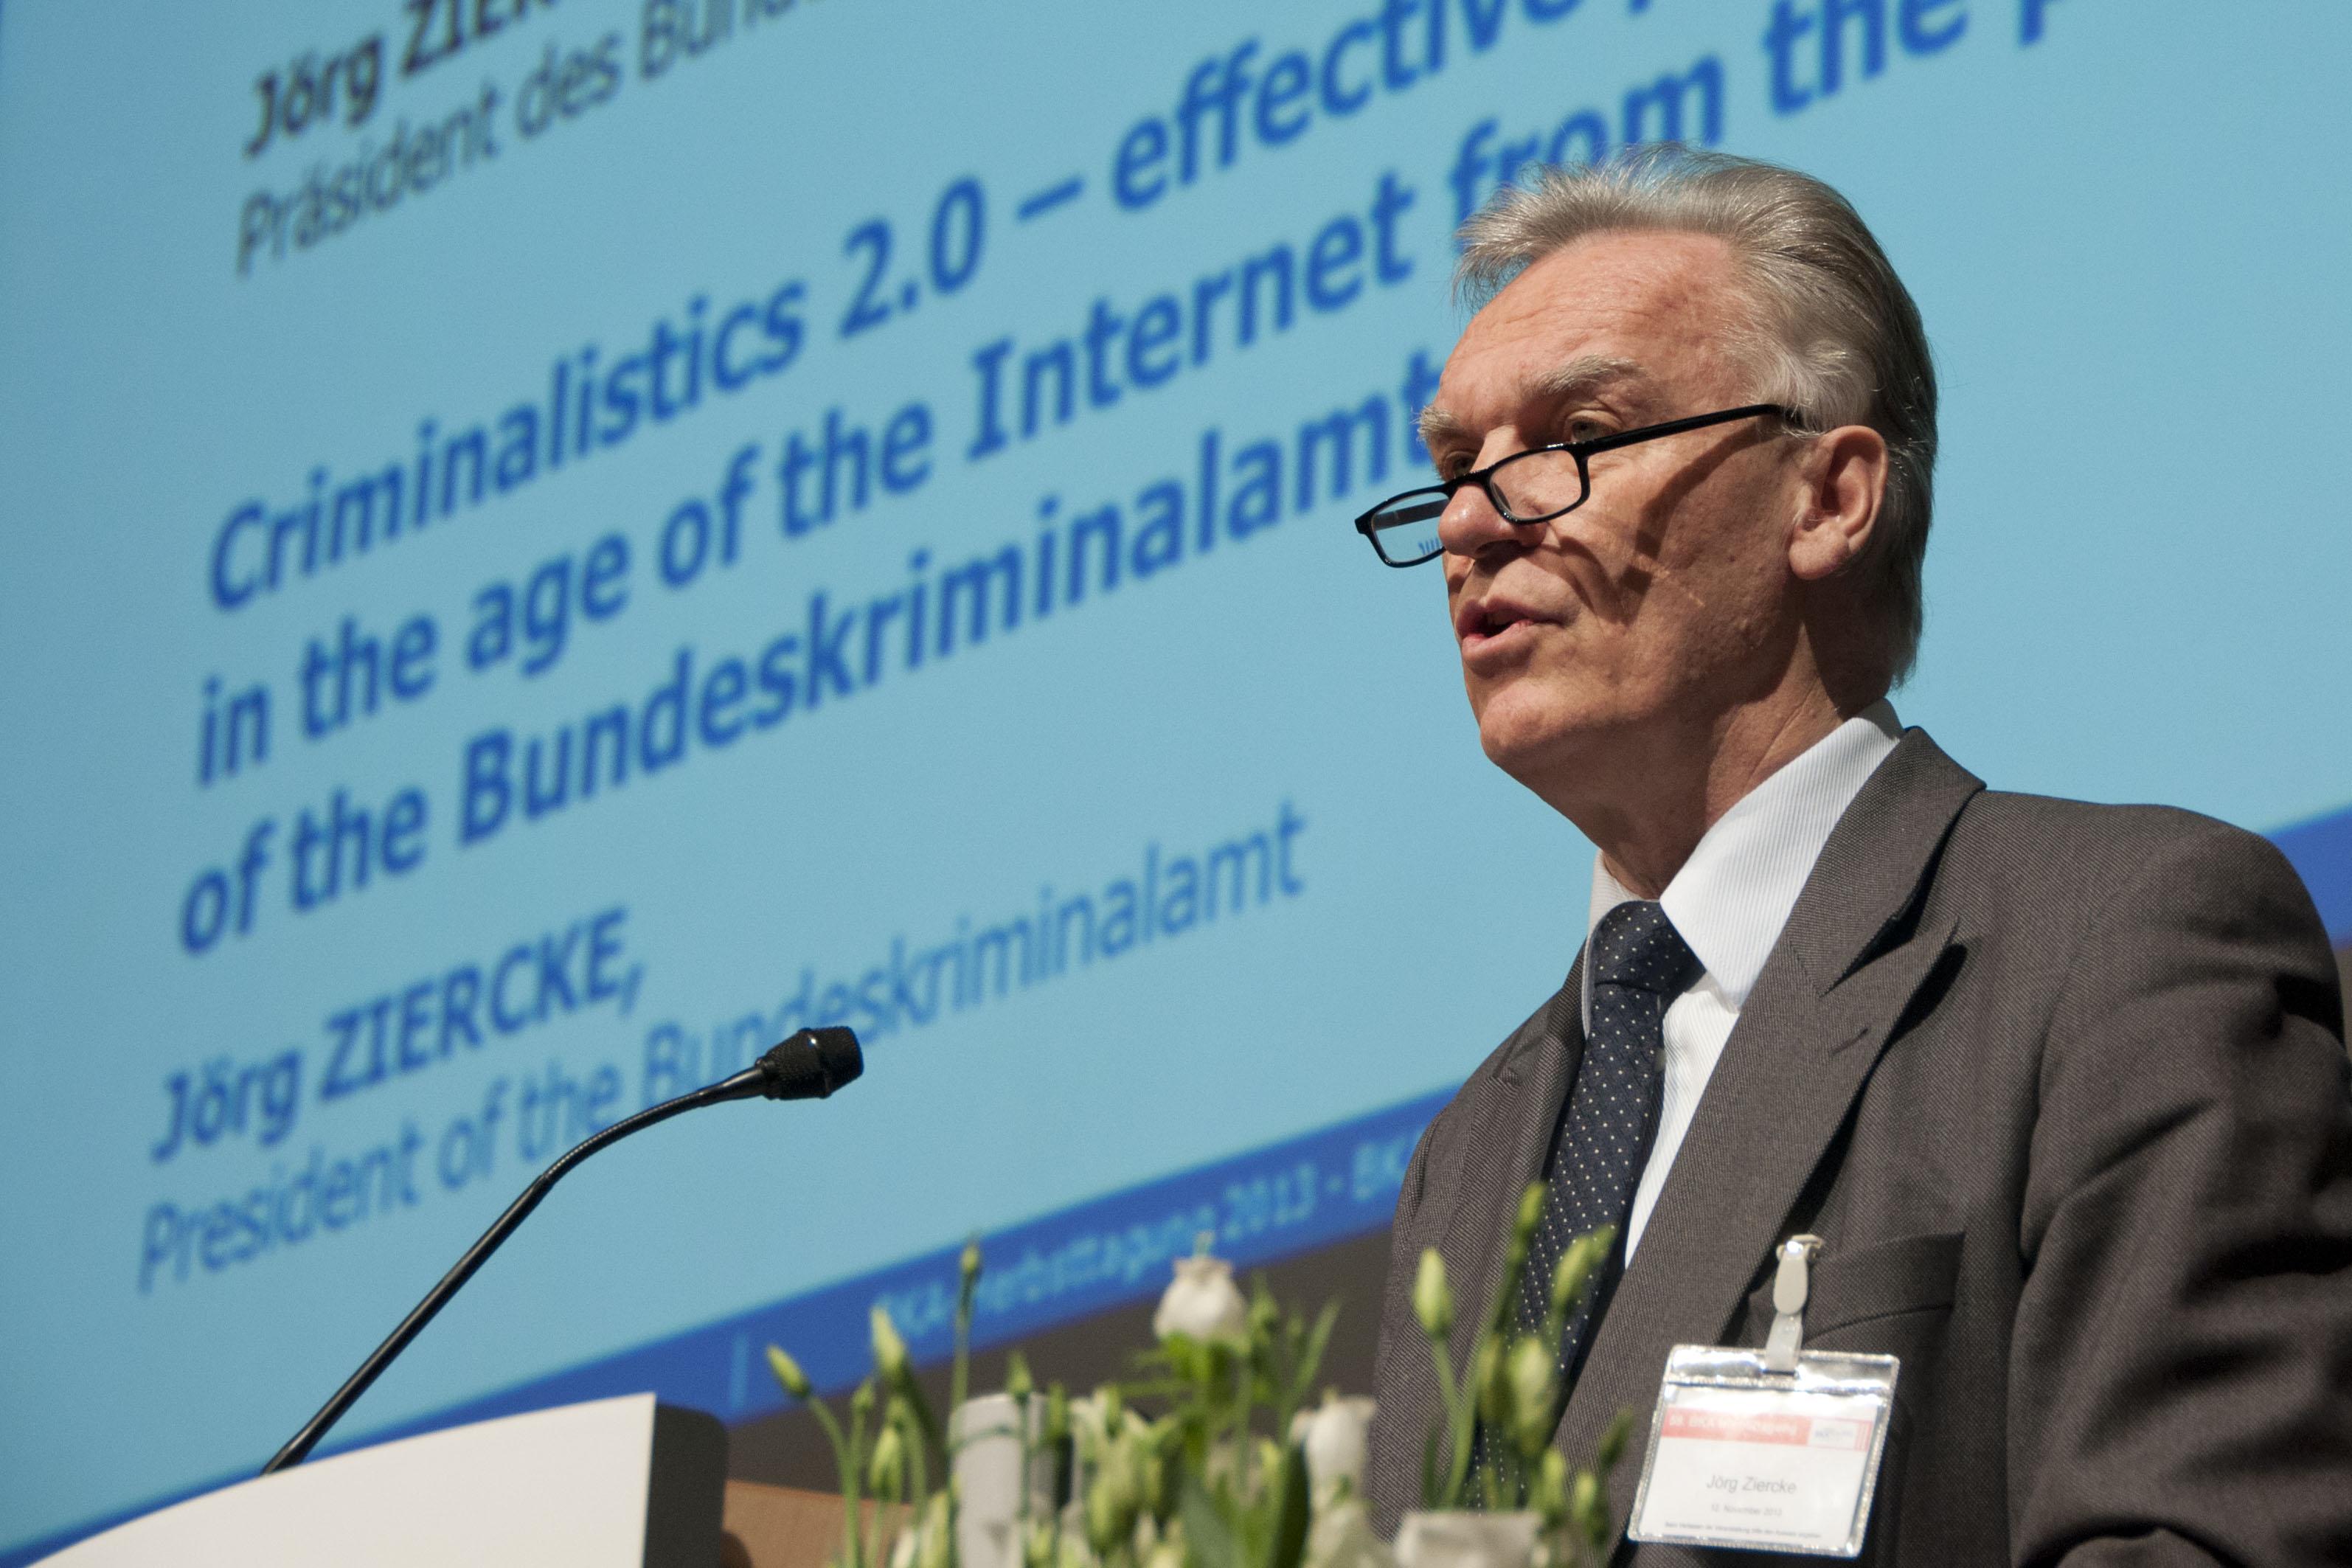 Jörg Ziercke auf der Herbsttagung 2013.